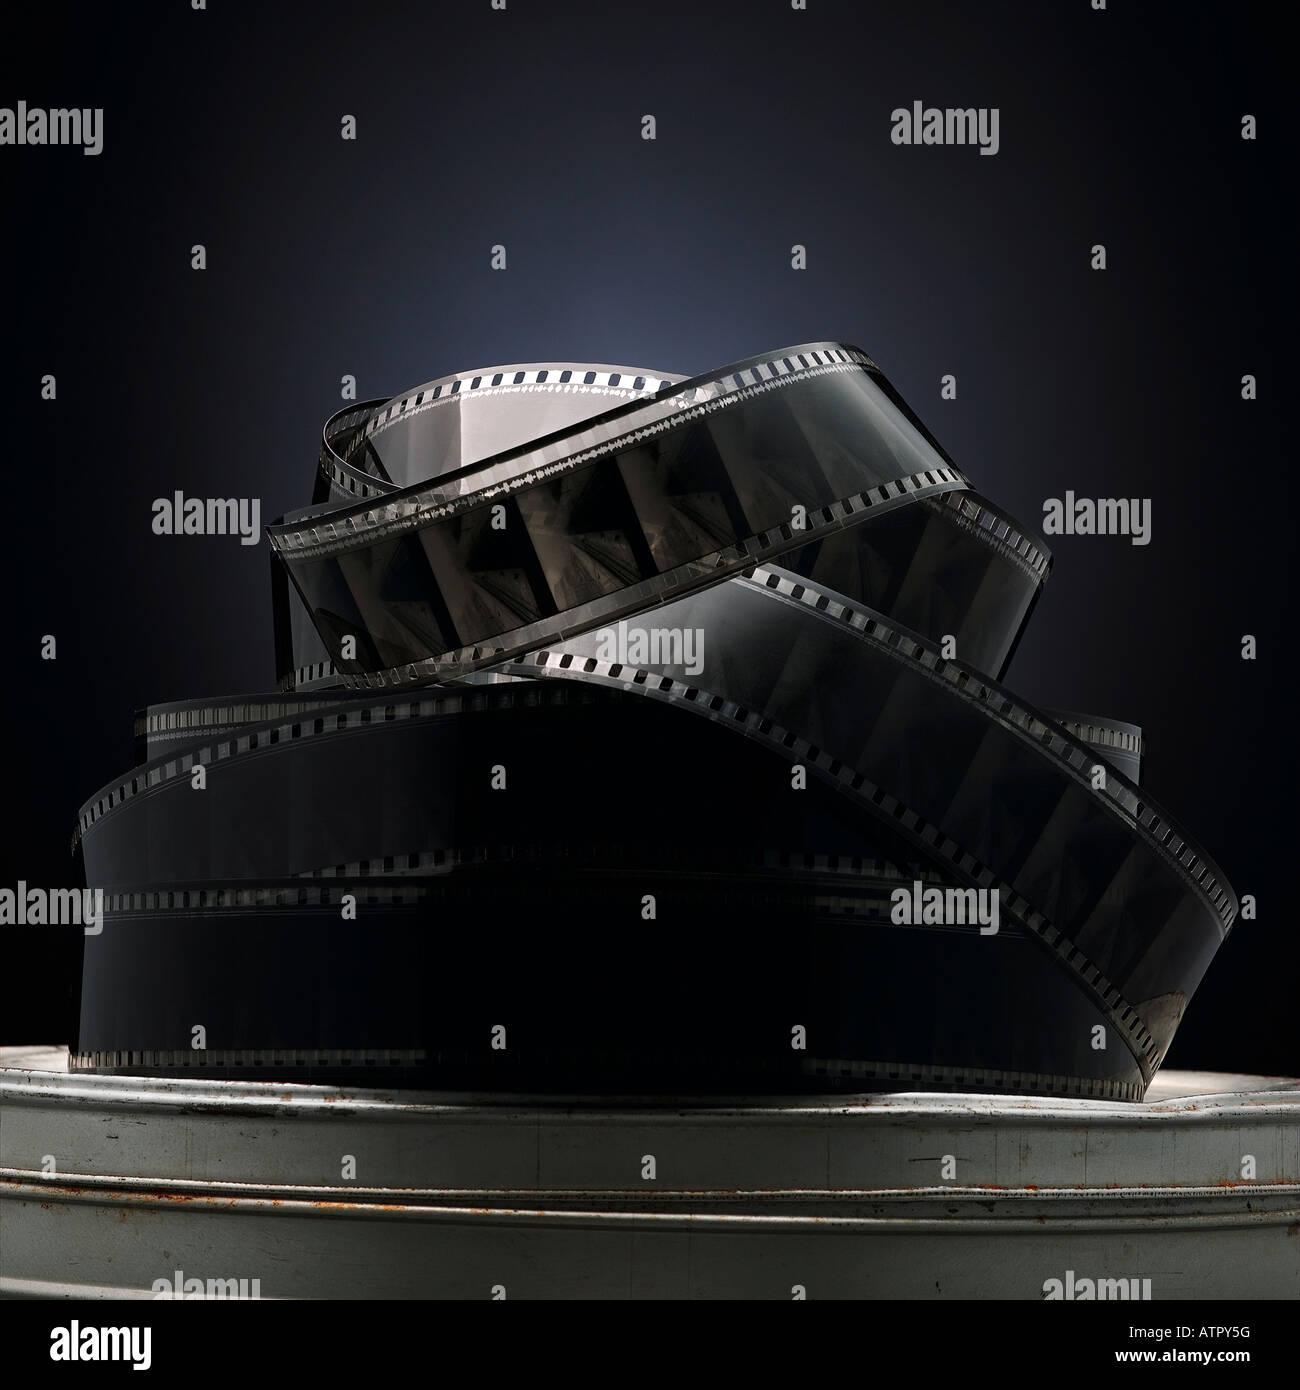 Revoltijo de carrete de película en un receptáculo Imagen De Stock